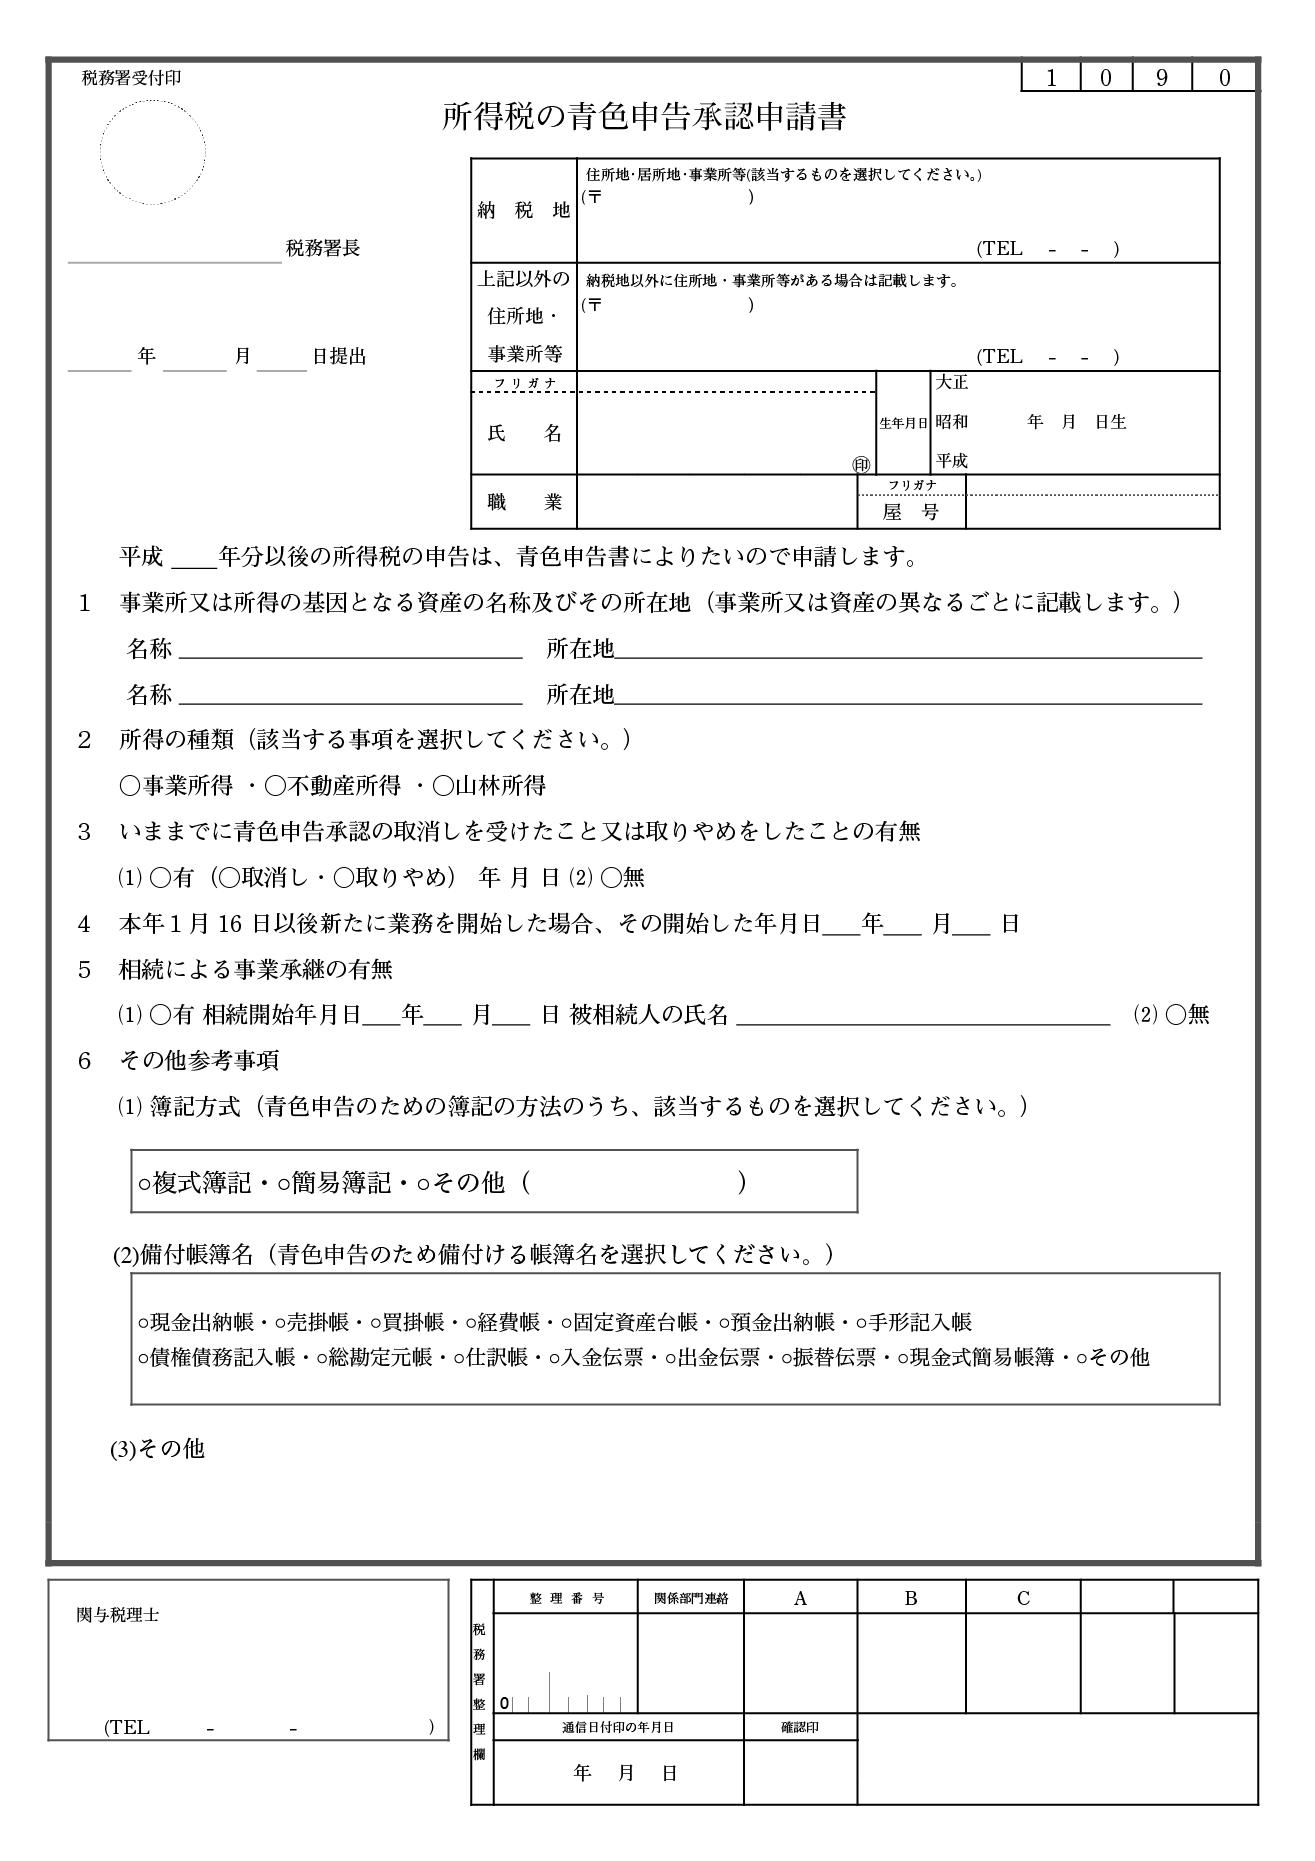 青色申告承認申請書のテンプレート(エクセル・ナンバーズ)